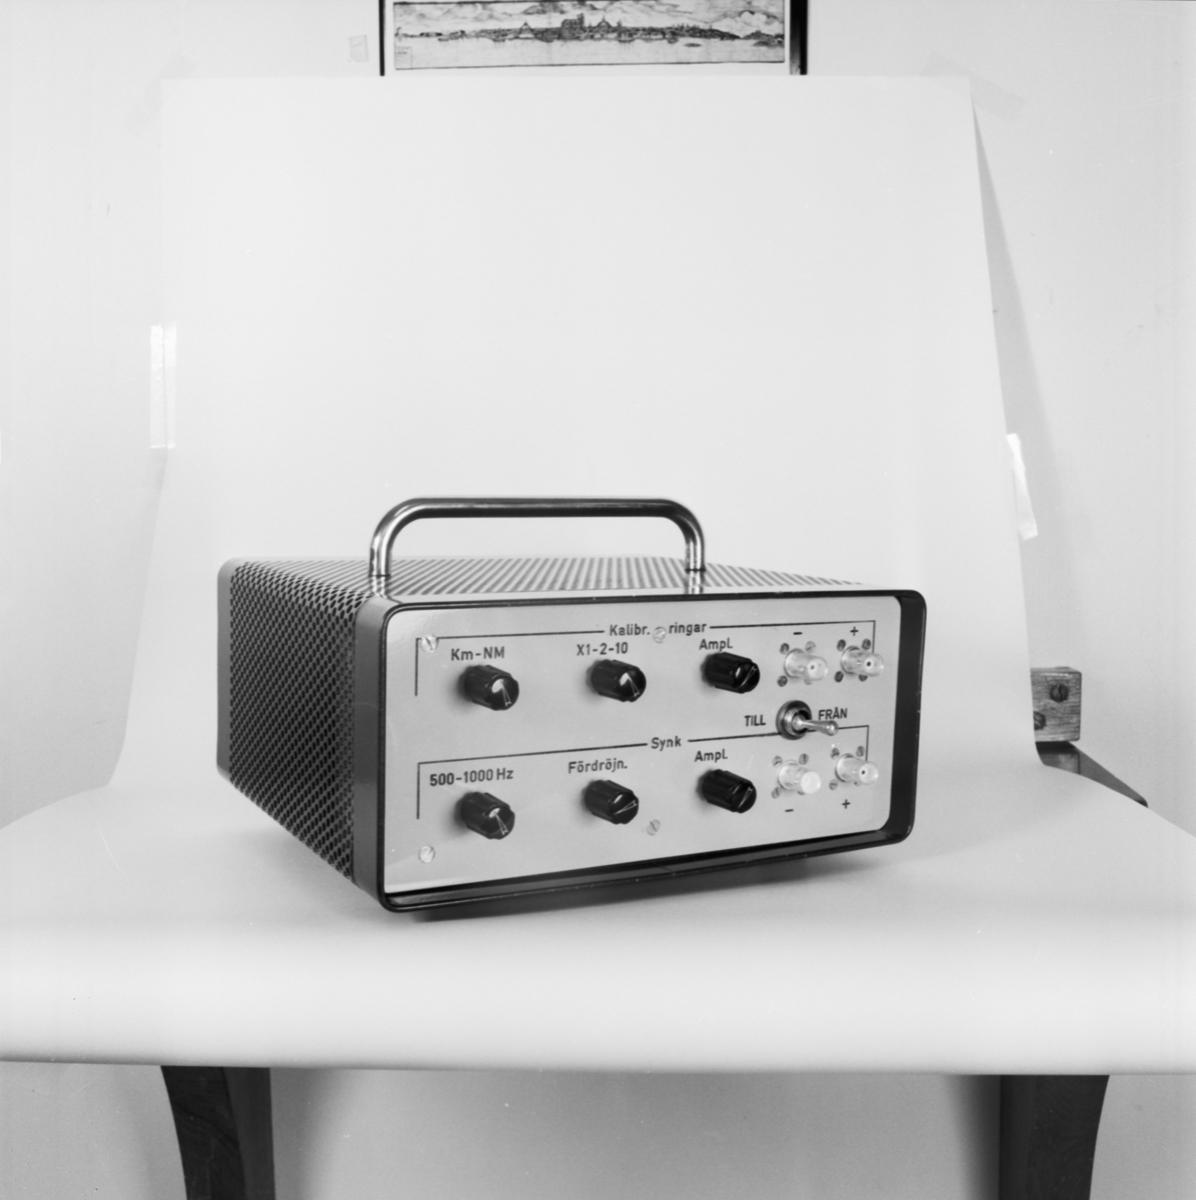 Övrigt: Foto datum: 4/11 1966 Byggnader och kranar Radioanläggning. Närmast identisk bild: V36780, ej skannad